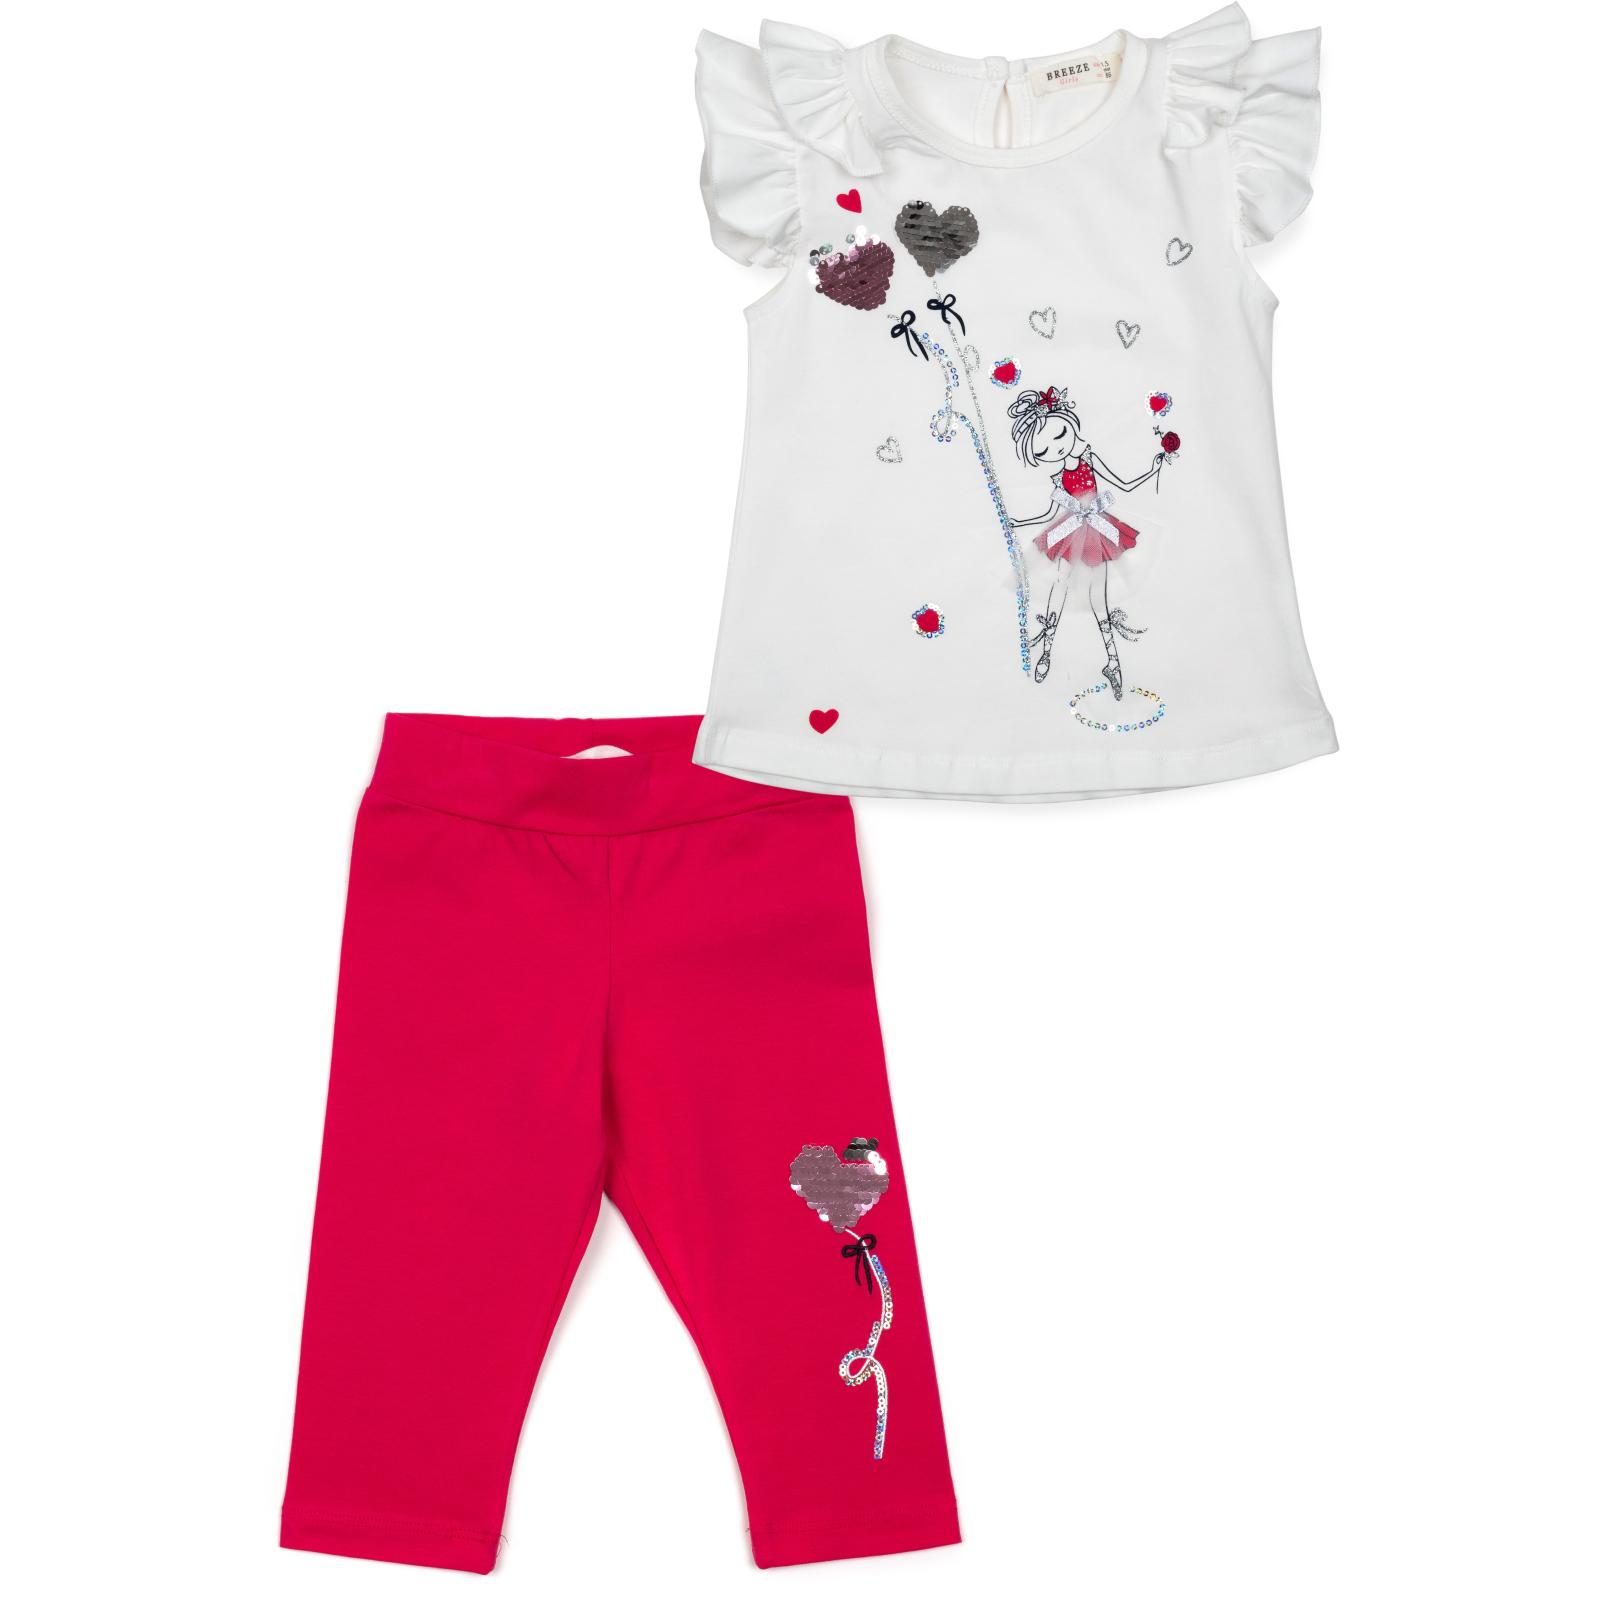 Набор детской одежды Breeze с балеринкой (13730-92G-cream)